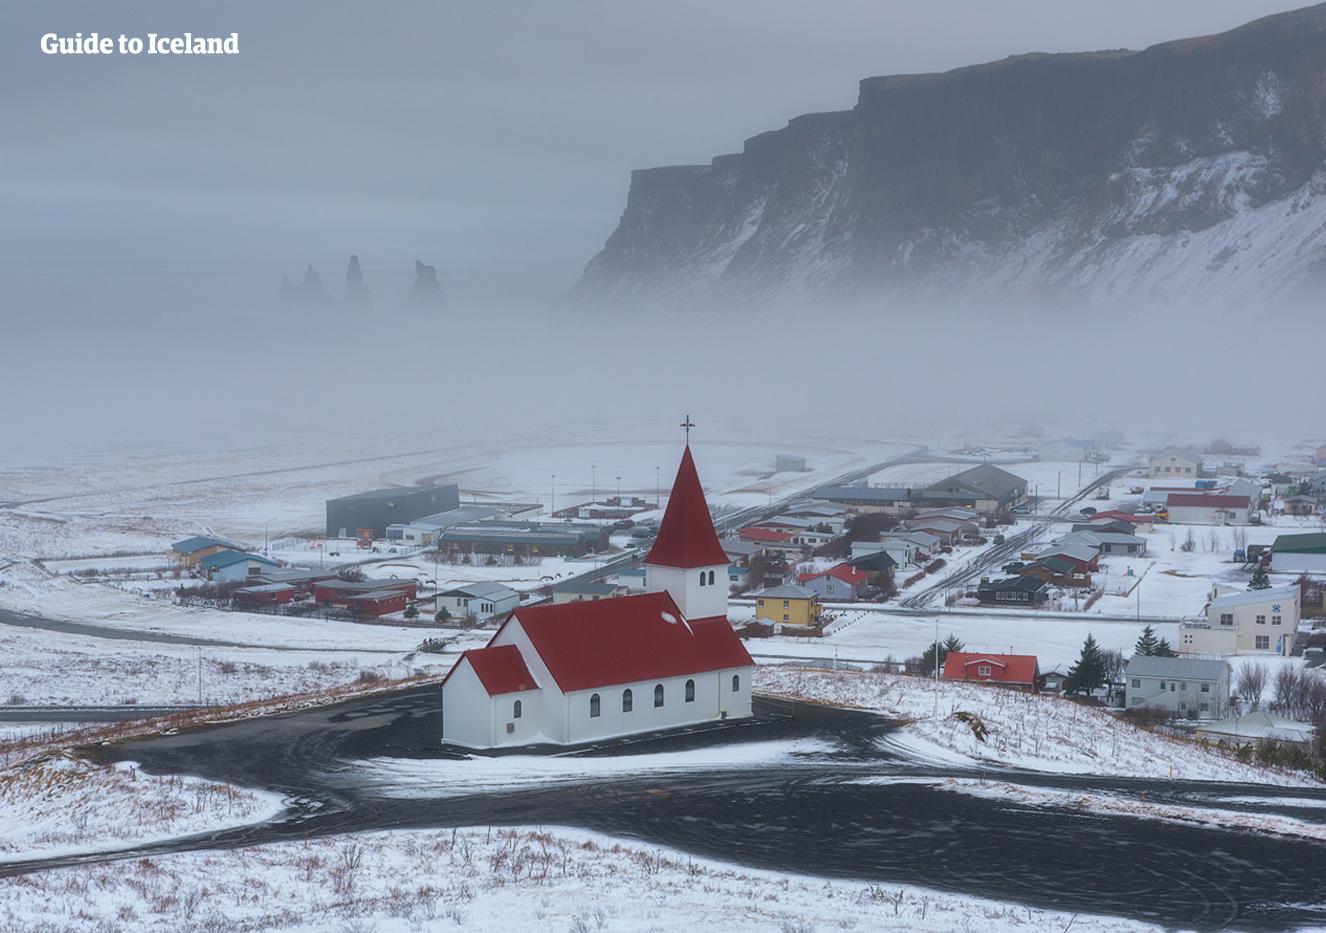 La ville idyllique de Vík est parsemée de neige fraîche.